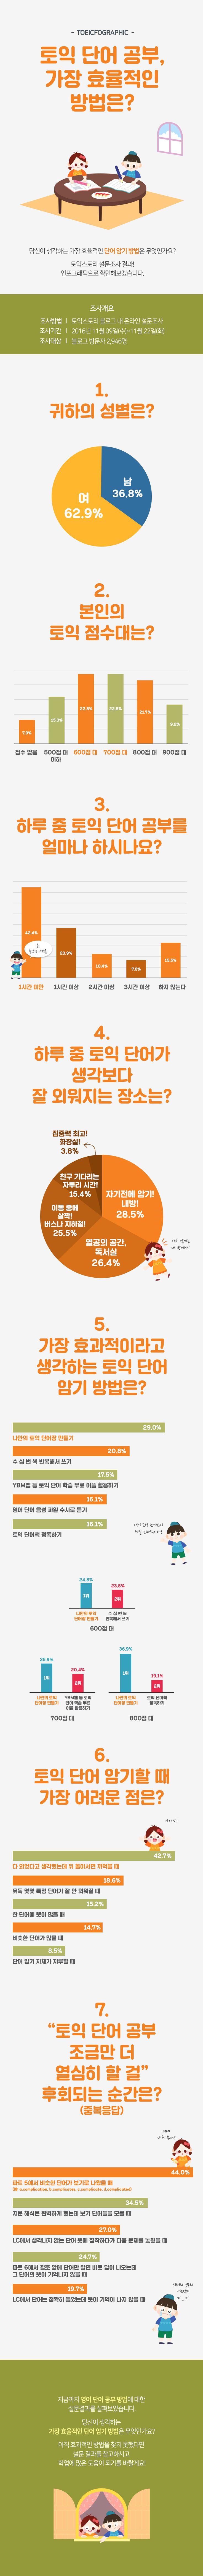 한국토익위원회 토익스토리 :: 토익 단어 공부 가장 효율적인 방법은? 설문결과 인포그래픽